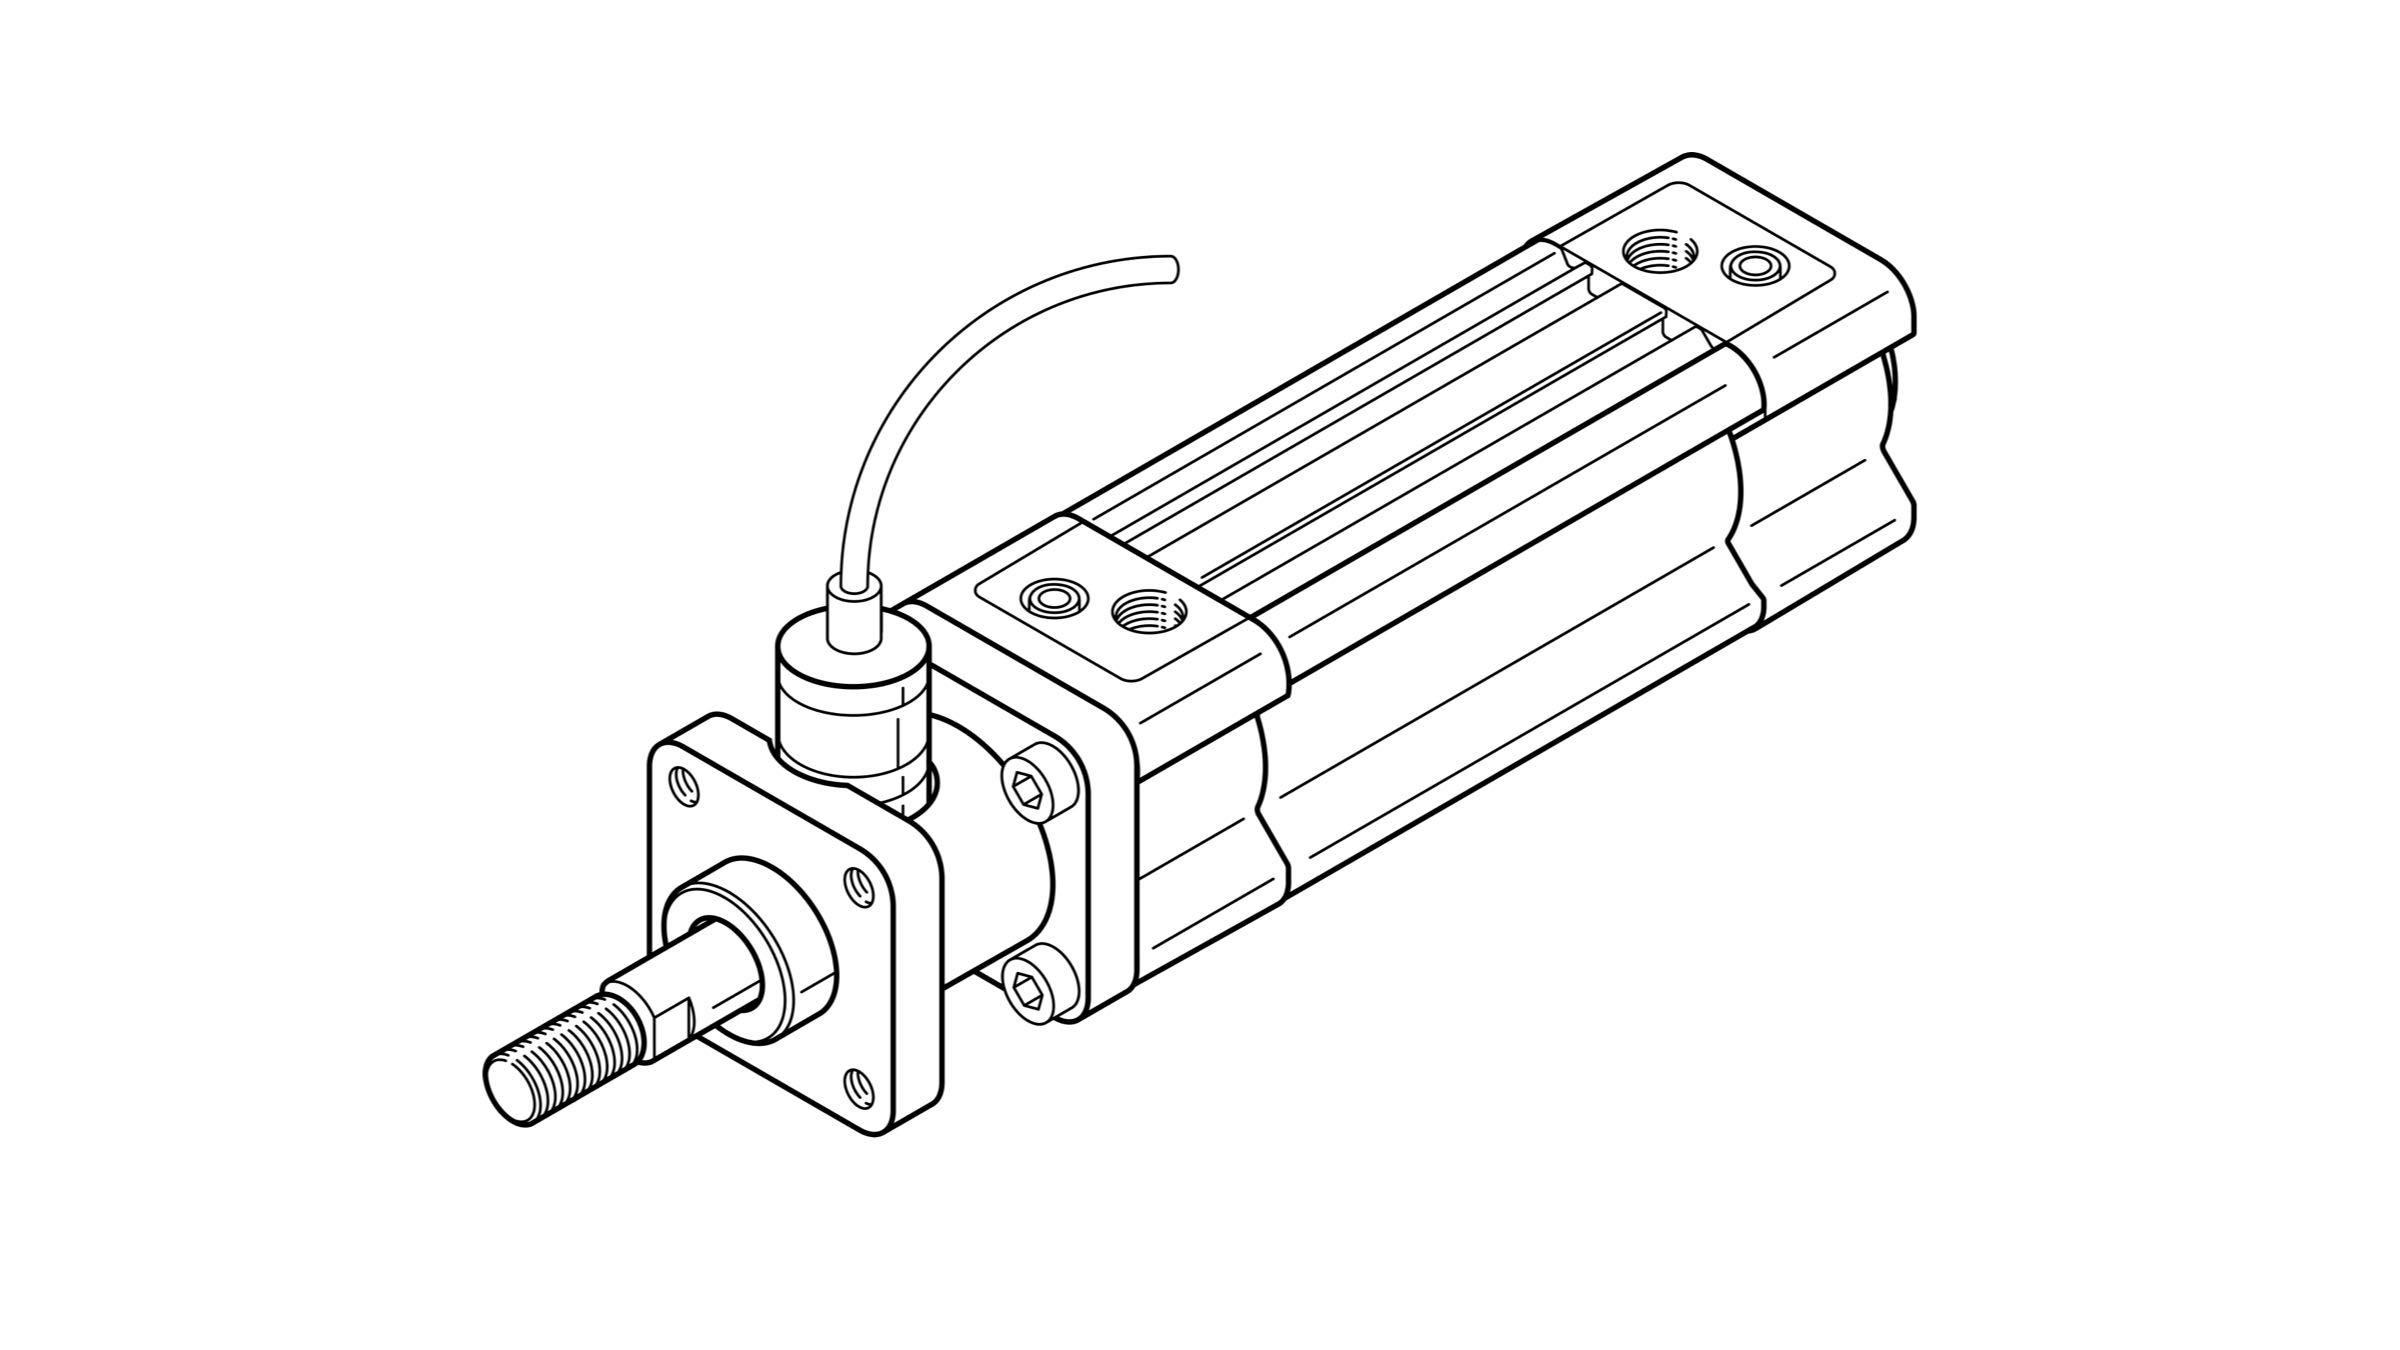 montageanleitung feststellpatrone in feststelleinheit an pneumatischem zylinder